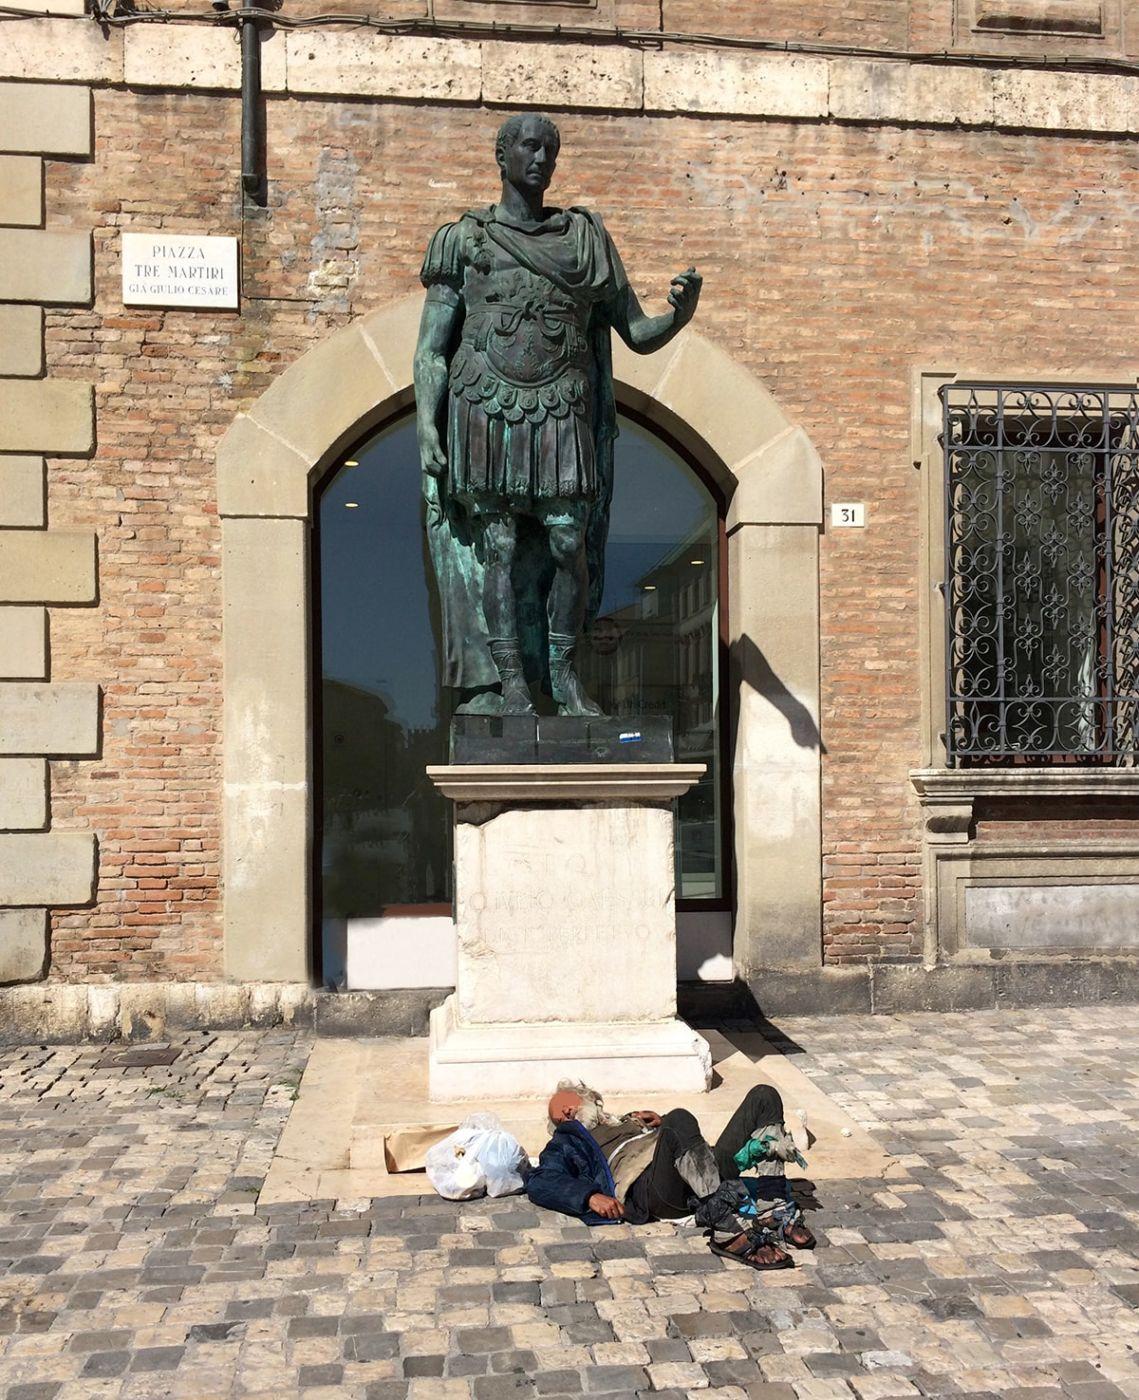 Il senzatetto e l'imperatore